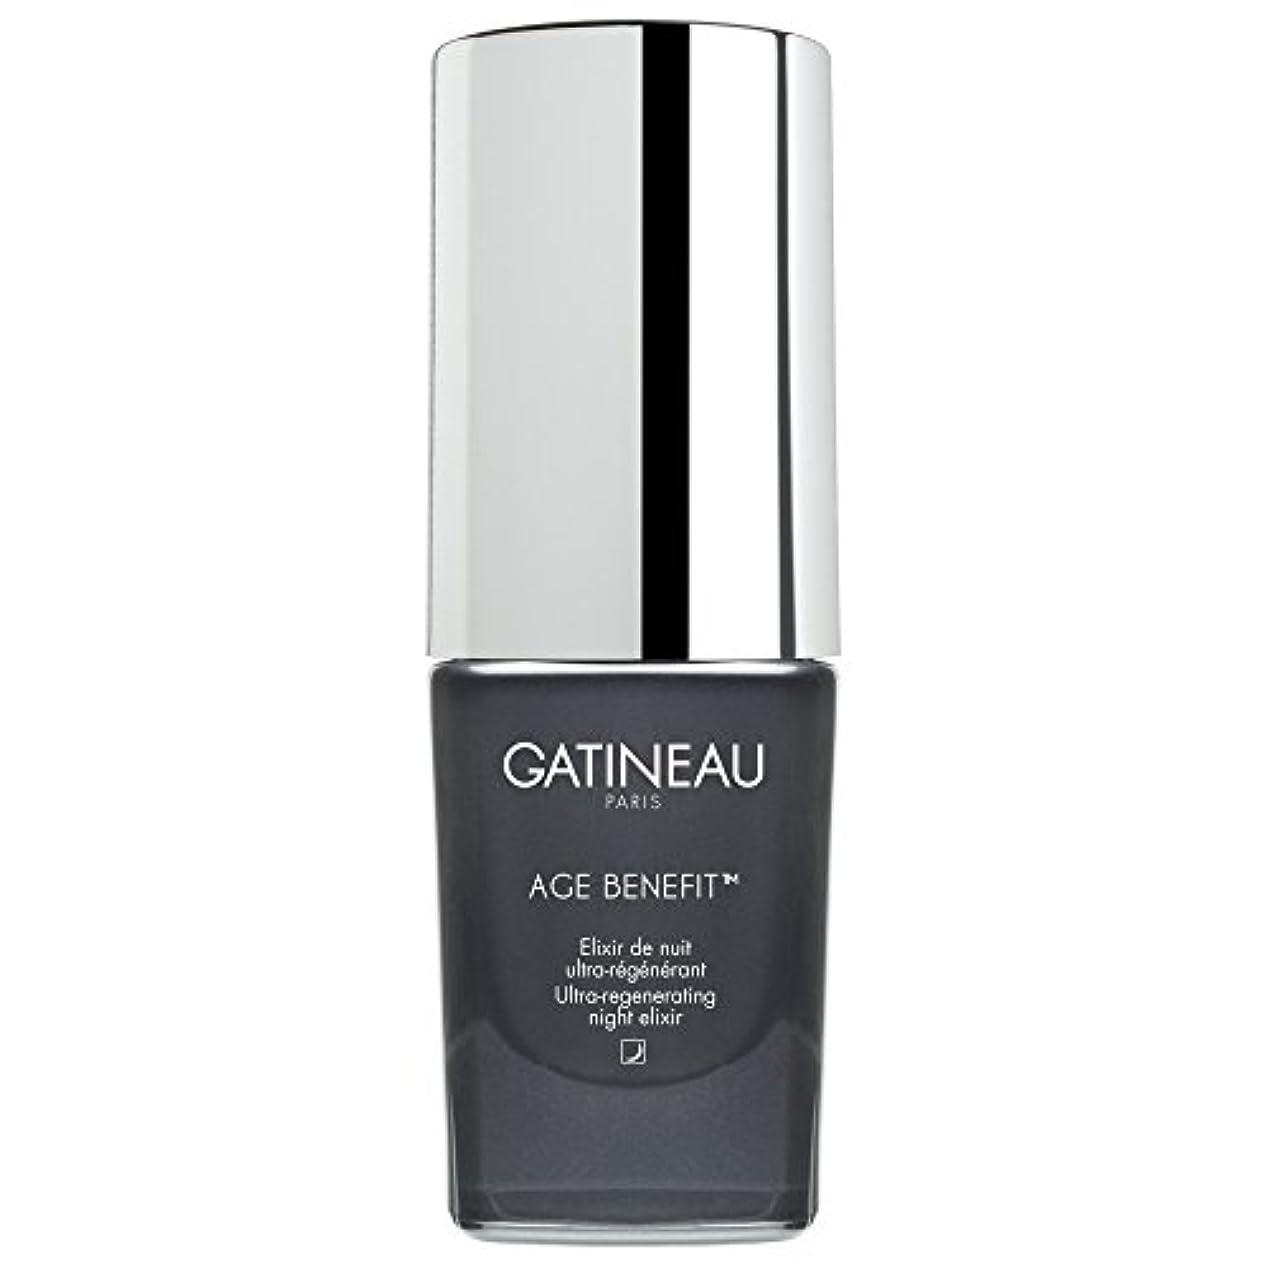 専門知識本土ピストルガティノー年齢給付超再生夜のエリクシルの15ミリリットル (Gatineau) (x2) - Gatineau Age Benefit Ultra-Regenerating Night Elixir 15ml (Pack...